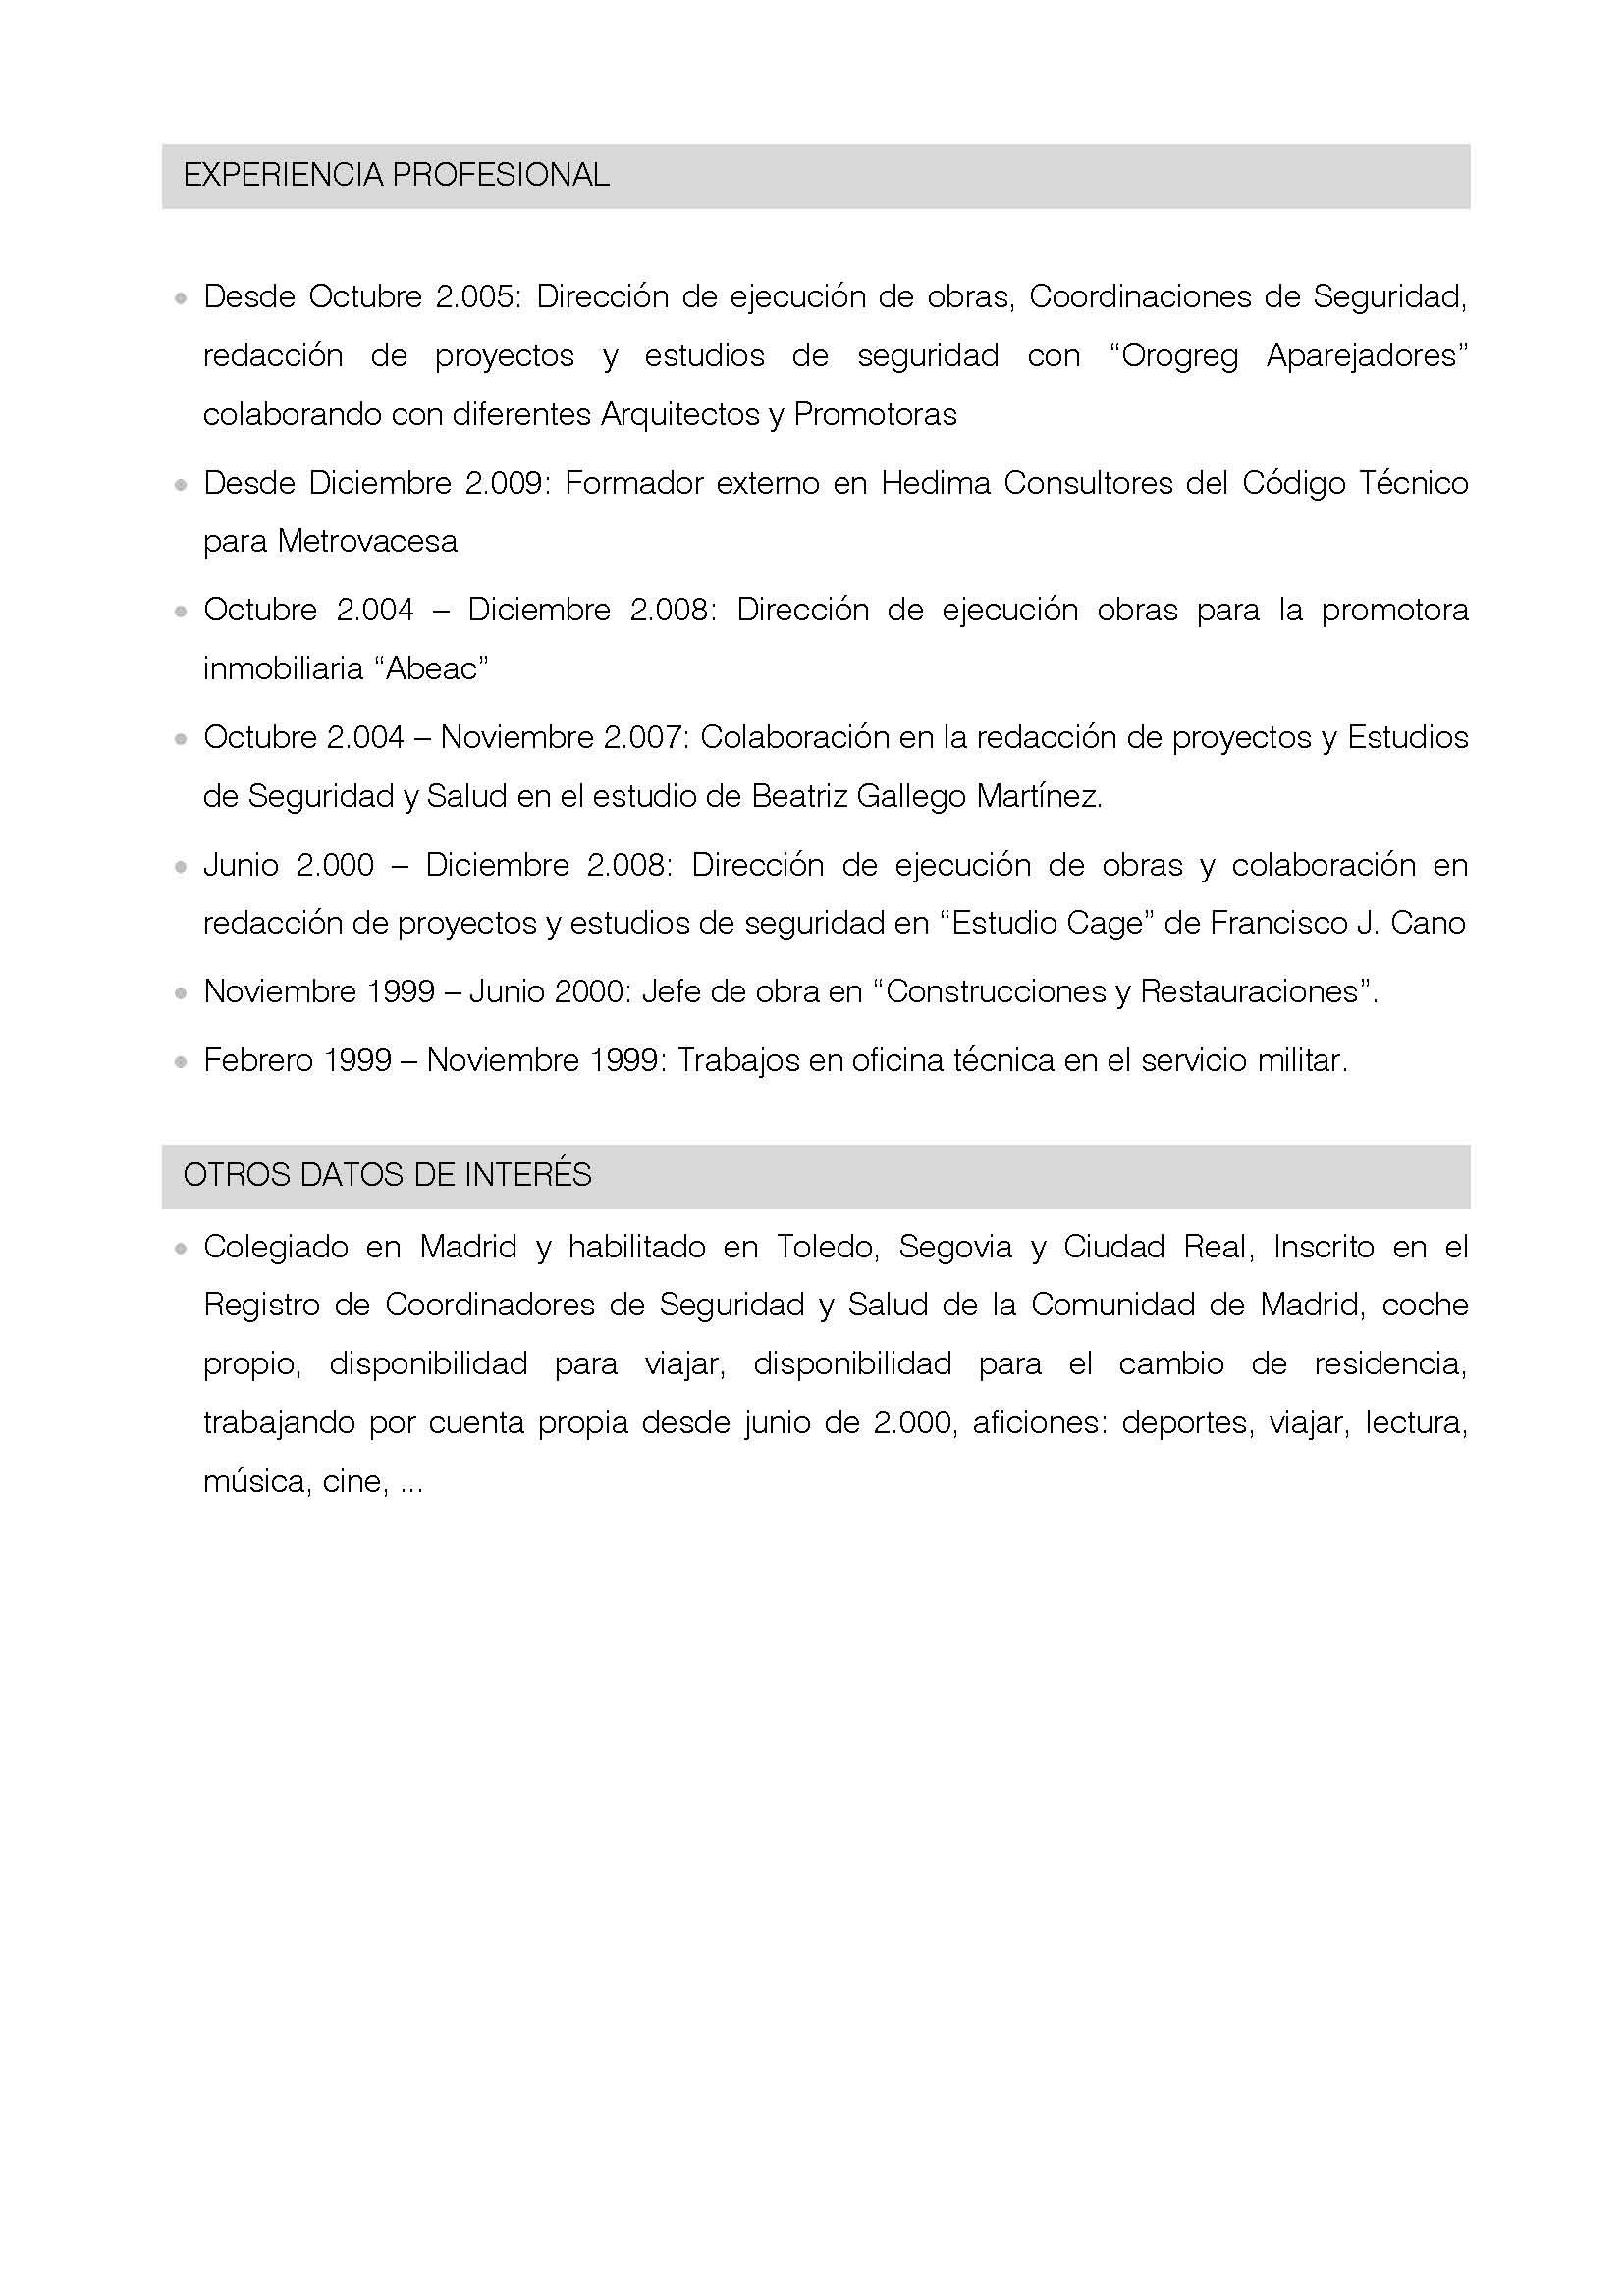 Alberto de paredes arquitecto t cnico curriculum for Curriculum arquitecto